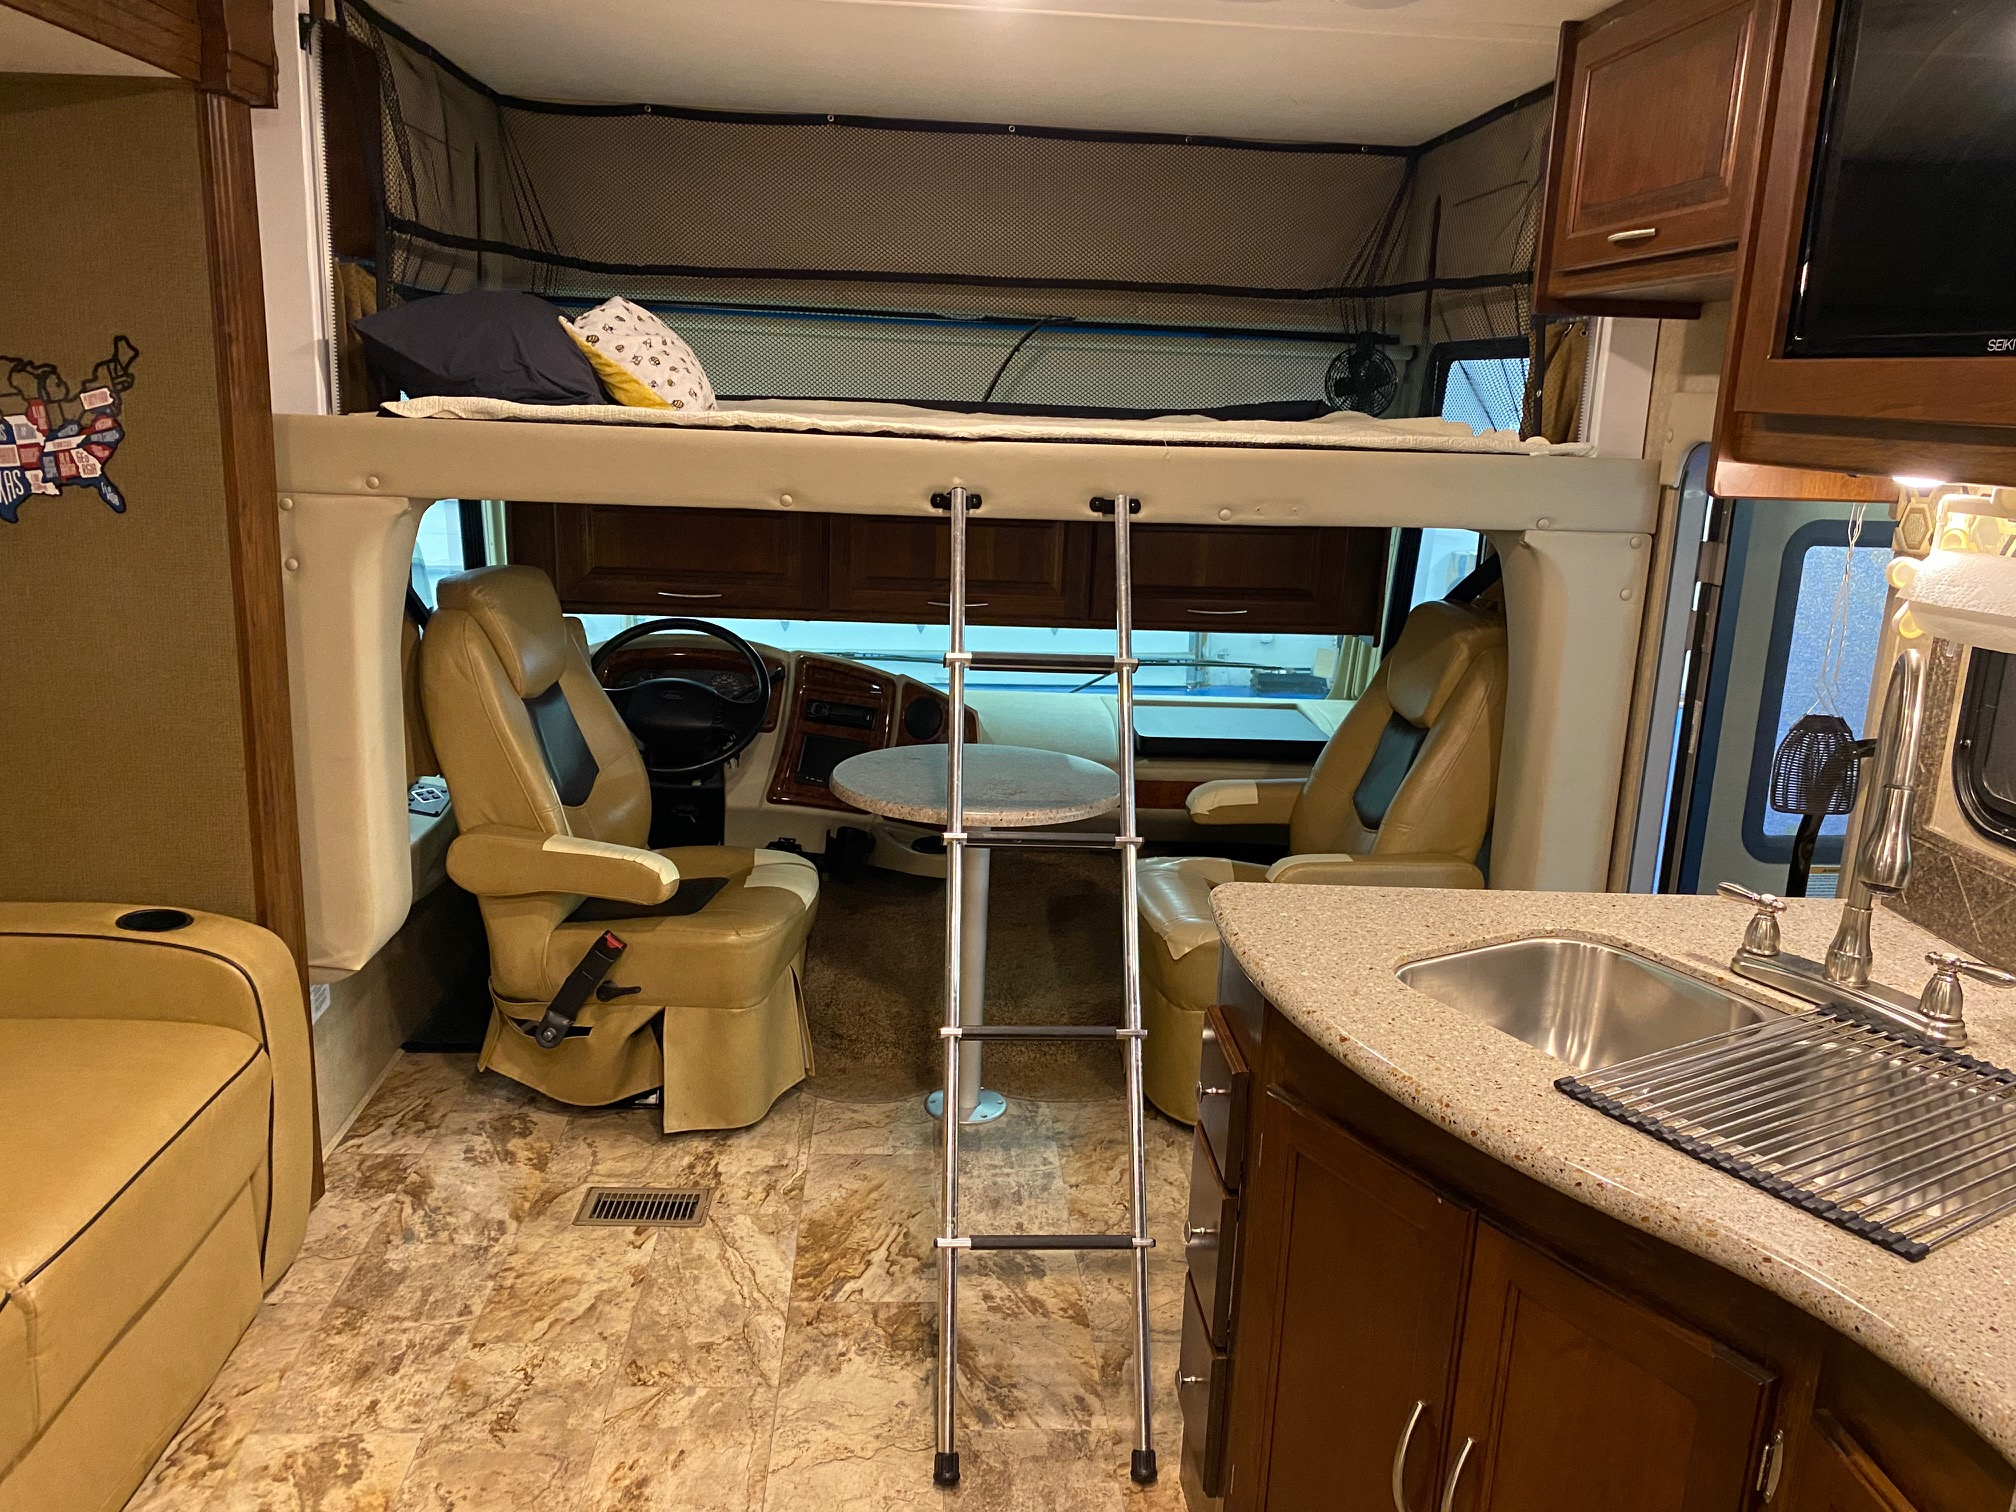 bunk above cab. Coachmen Mirada A-Class 2016